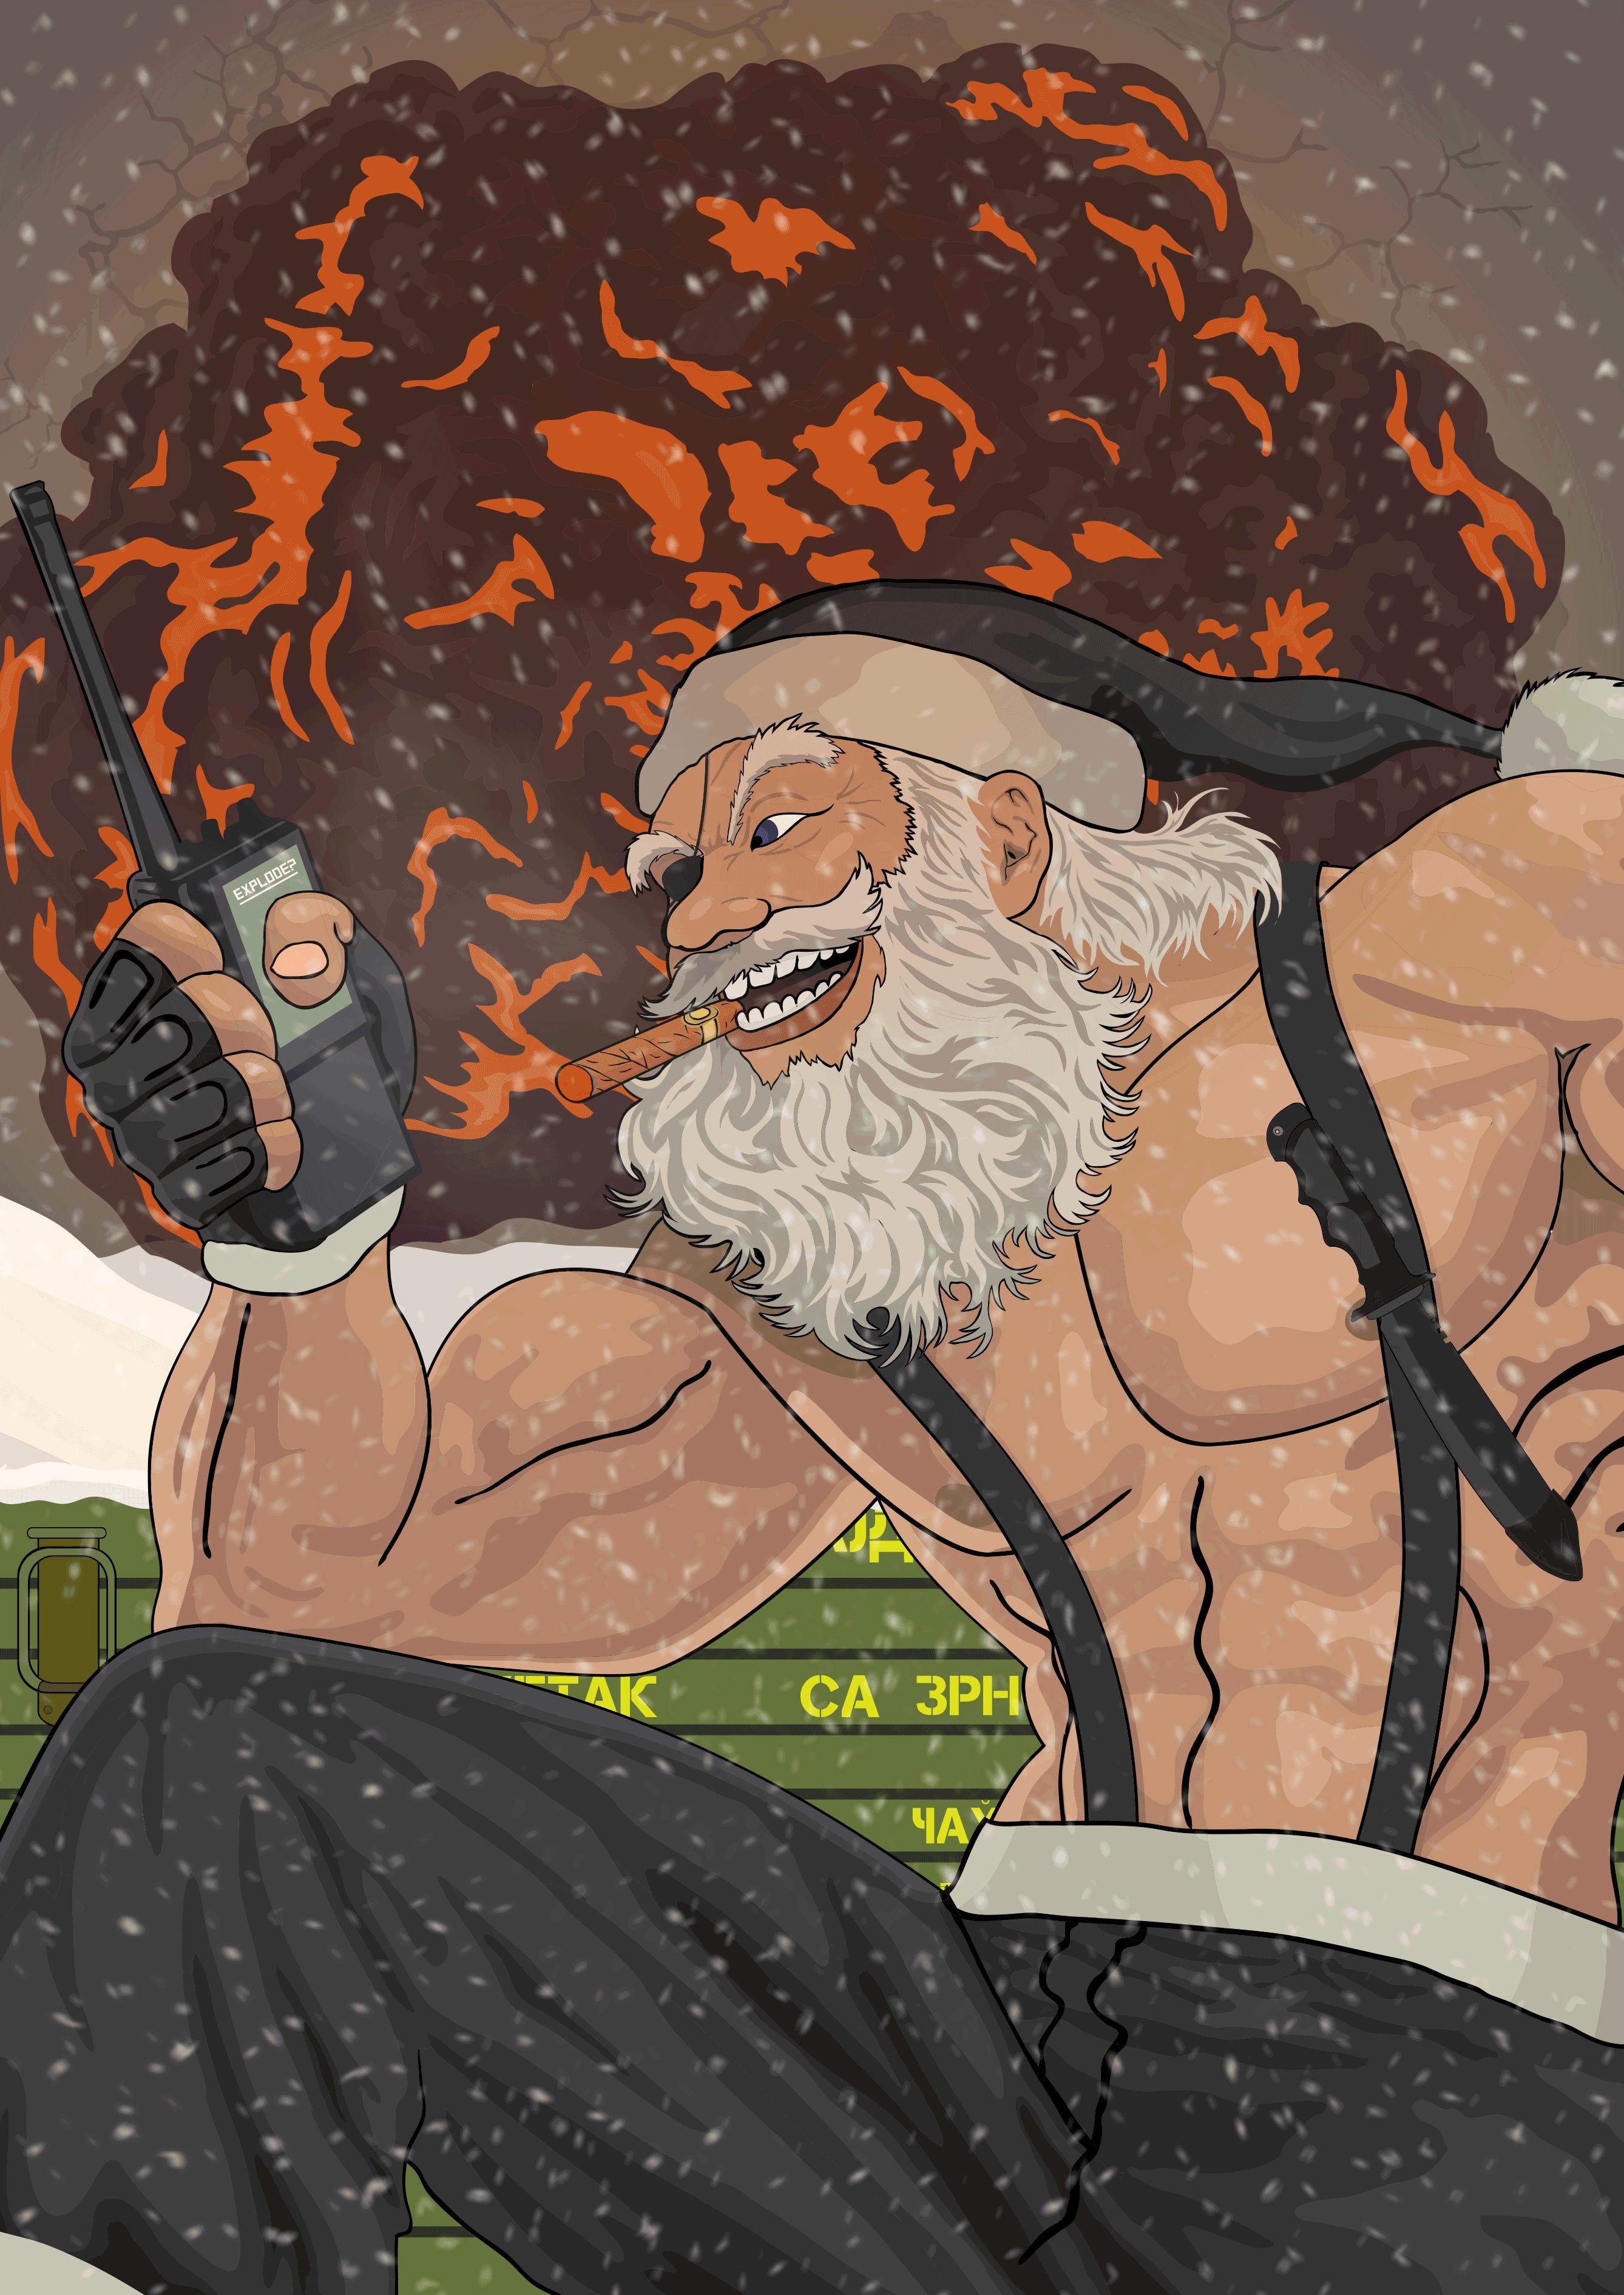 Solid Santa